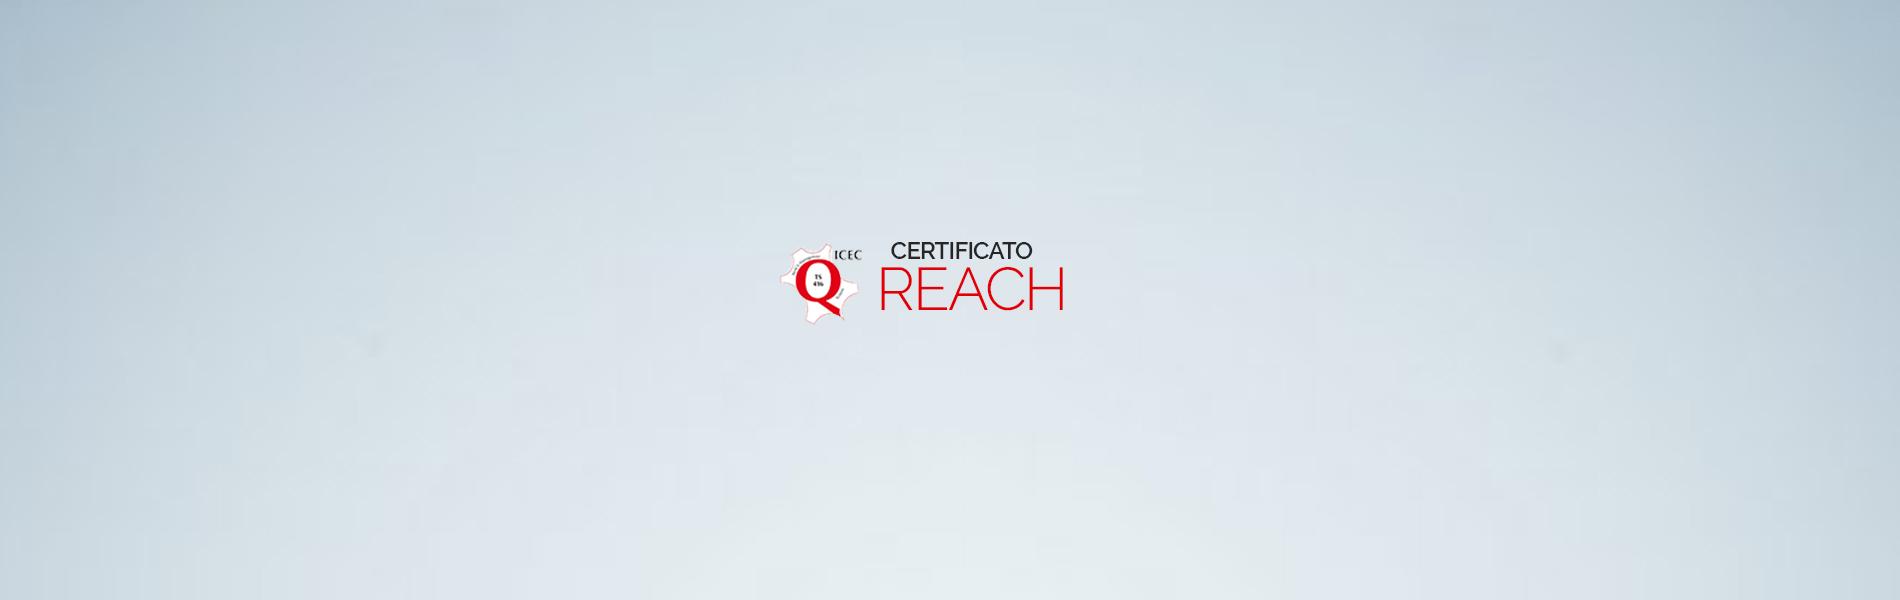 Dacla Reach